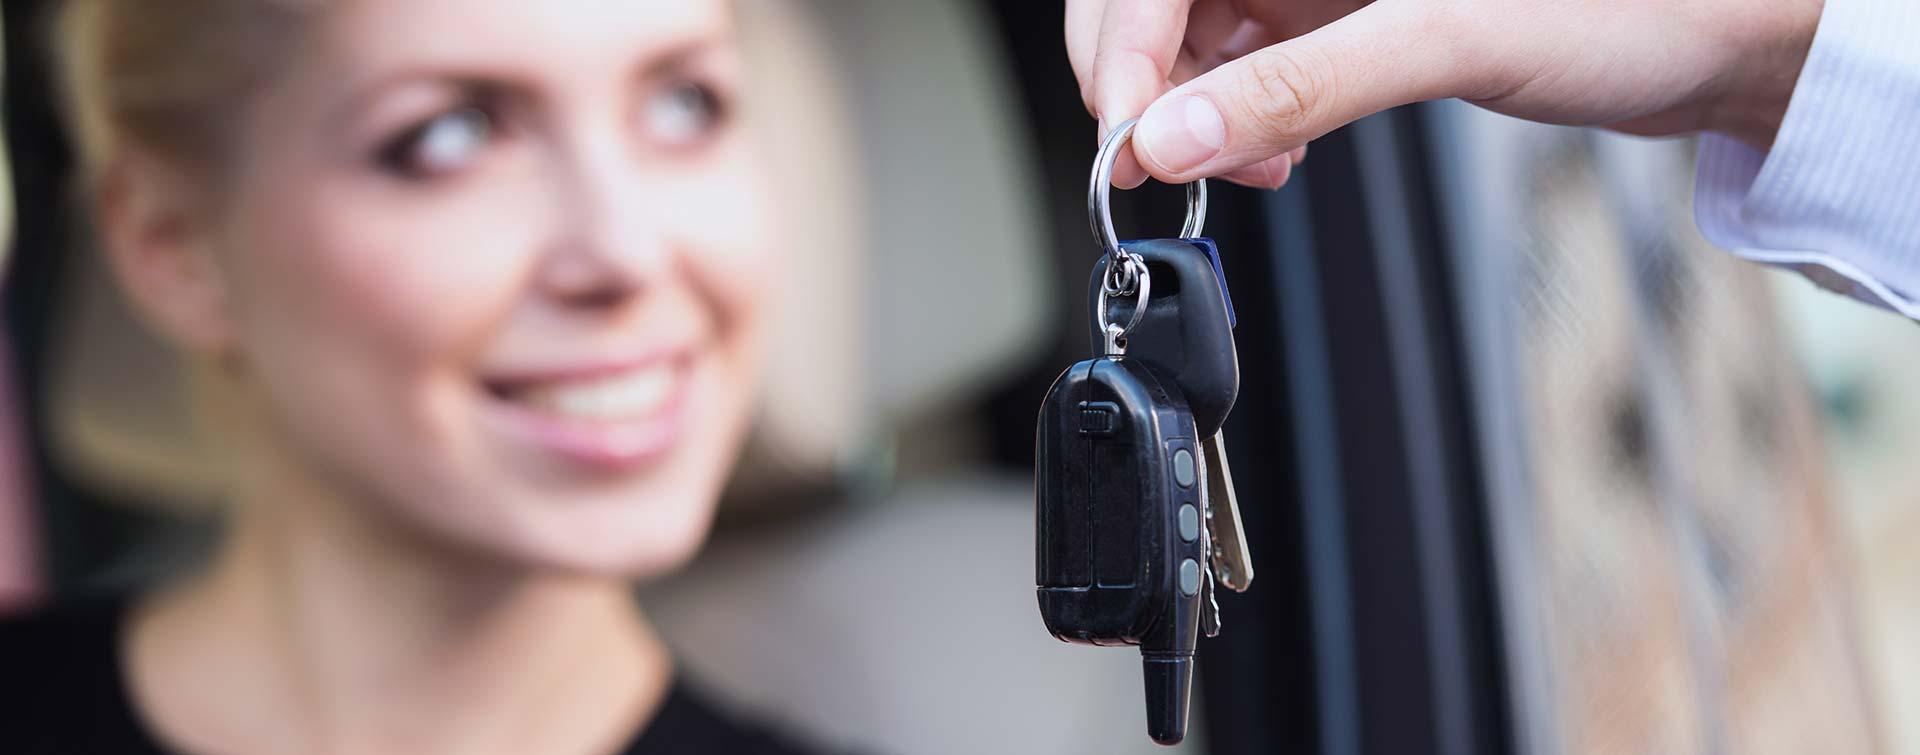 Franczyza wypożyczalnia aut - otwórz własny biznes